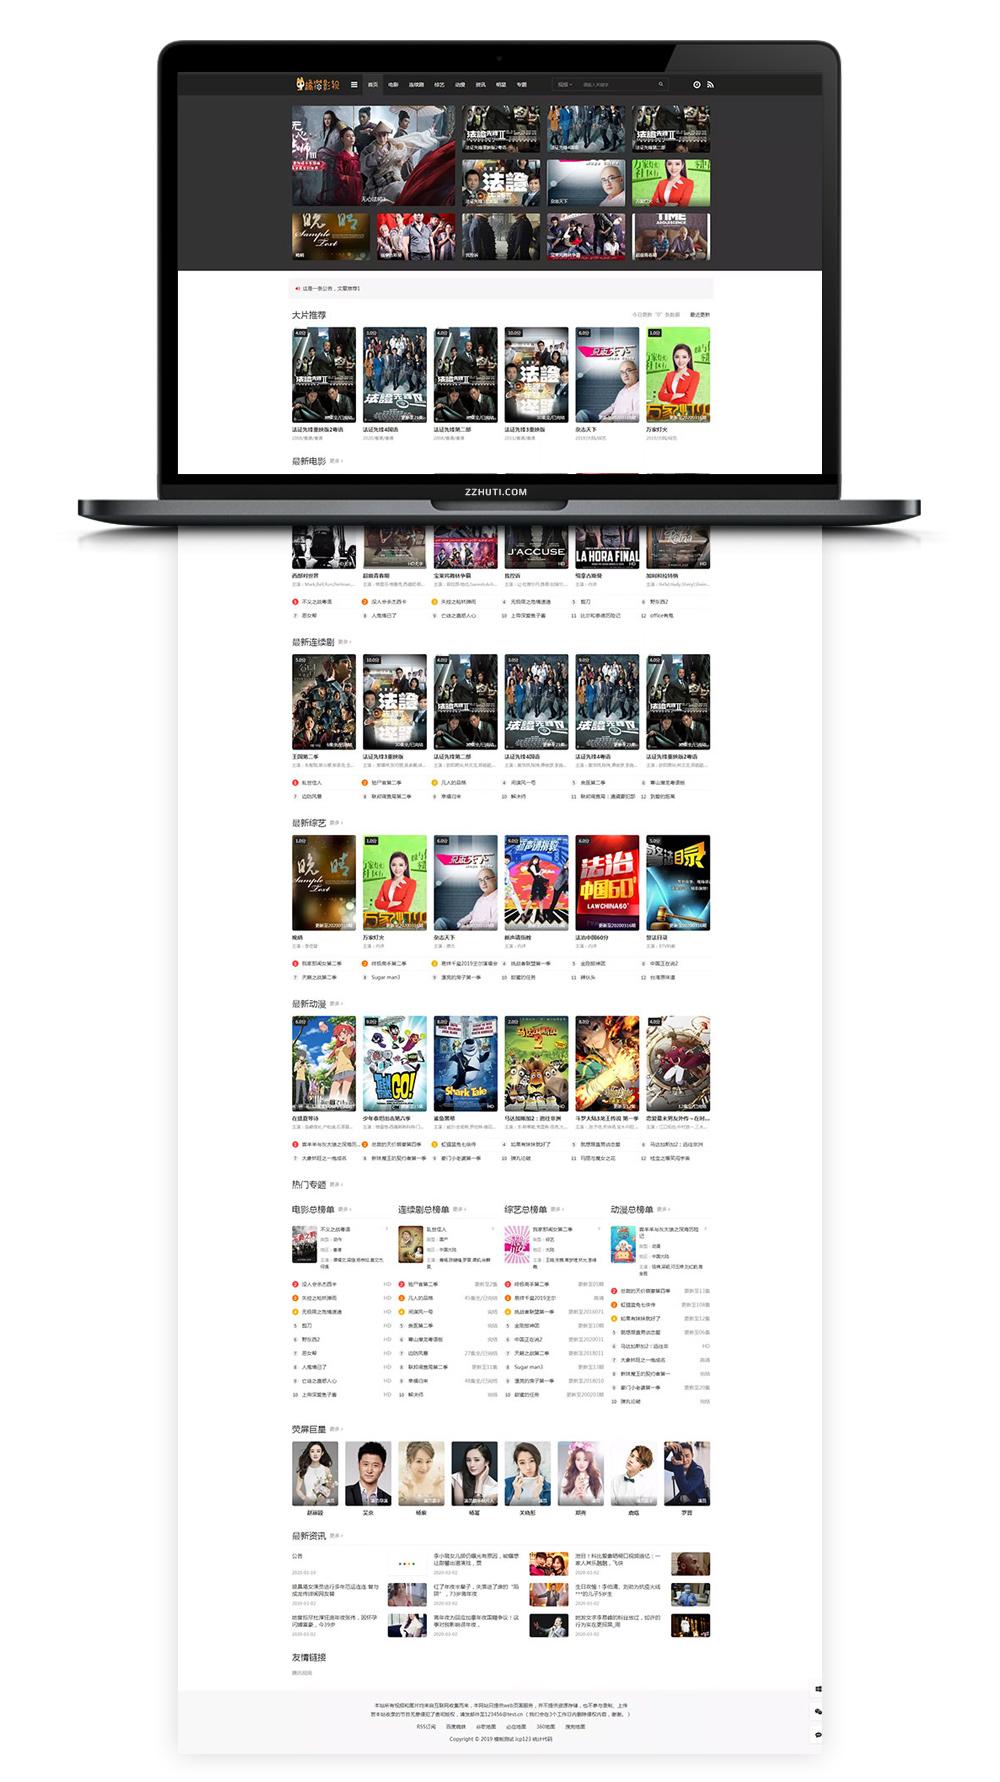 【苹果CMS多套主题集】灰色风格首涂第二十六套主题模板 带后台无加密版-蓝汇源码